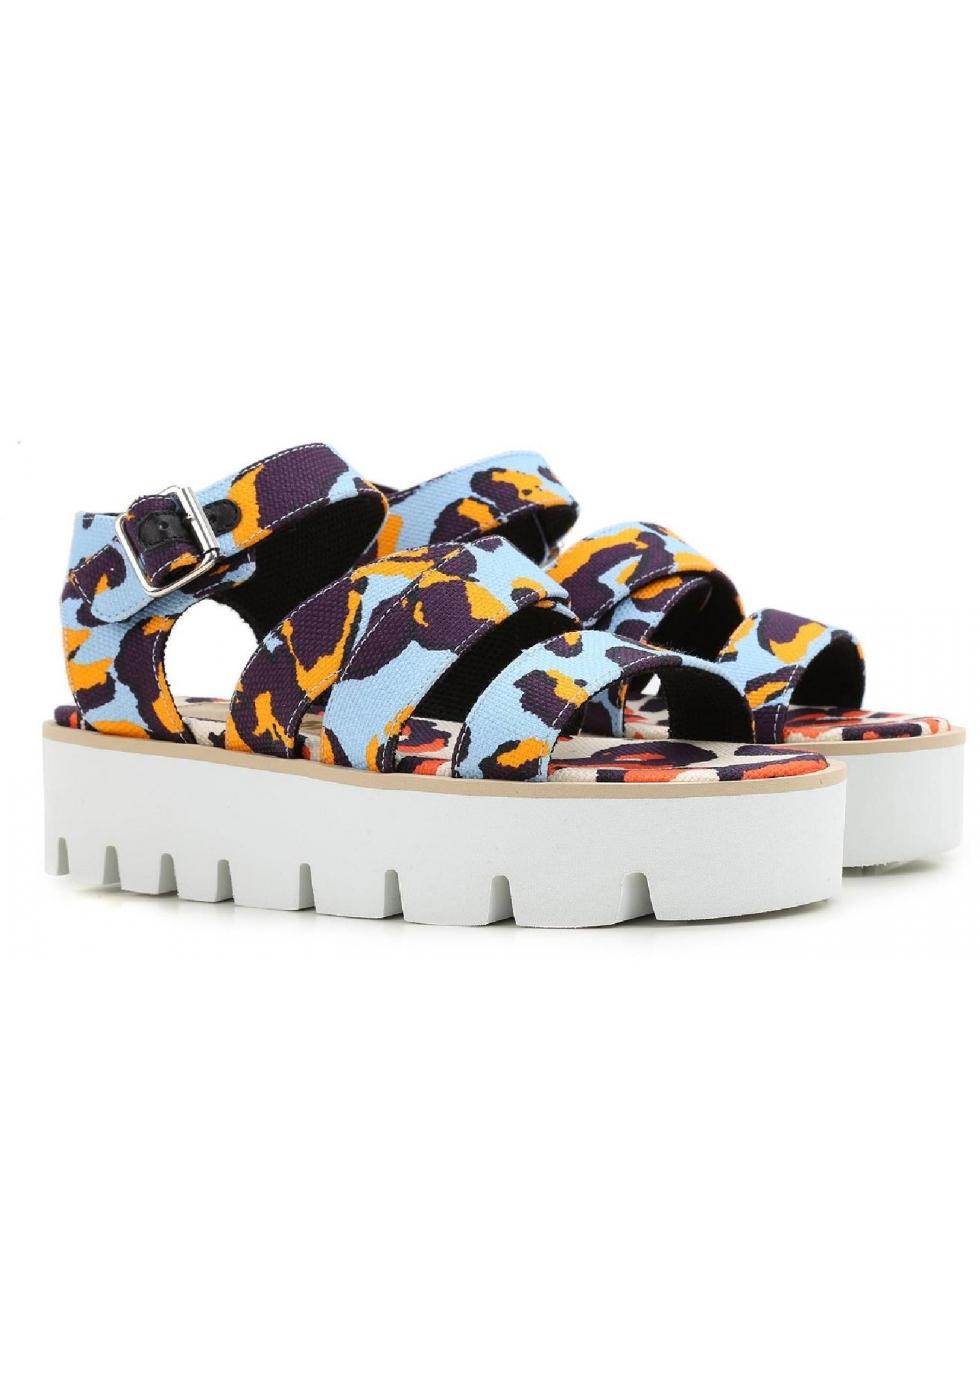 b022b382e62 Authentic MSGM sandals outlet - Italian Boutique